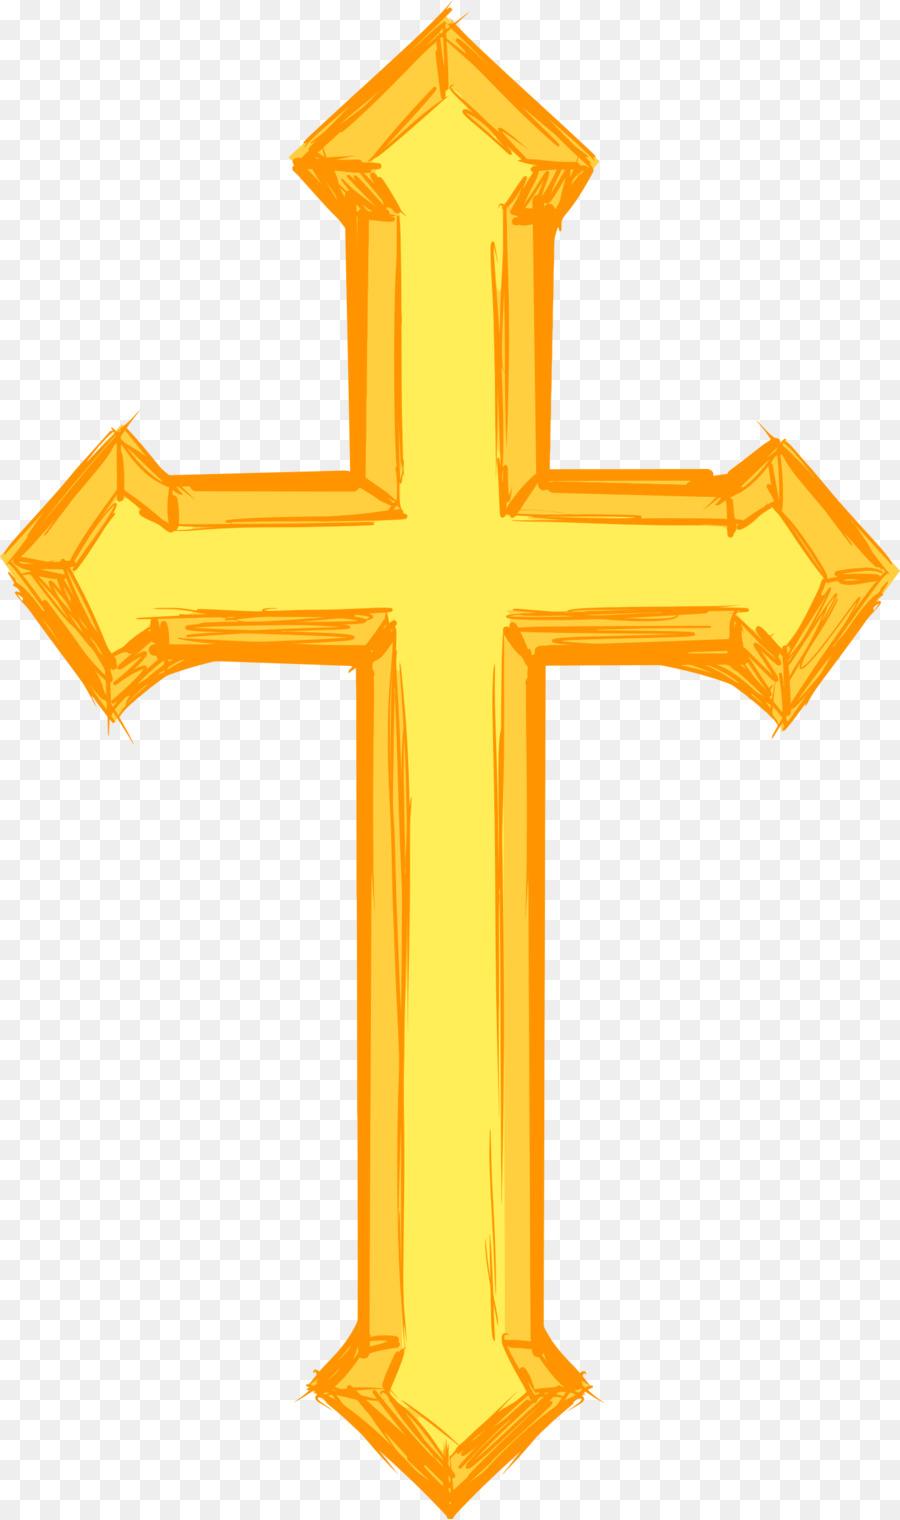 Желтый крест картинка